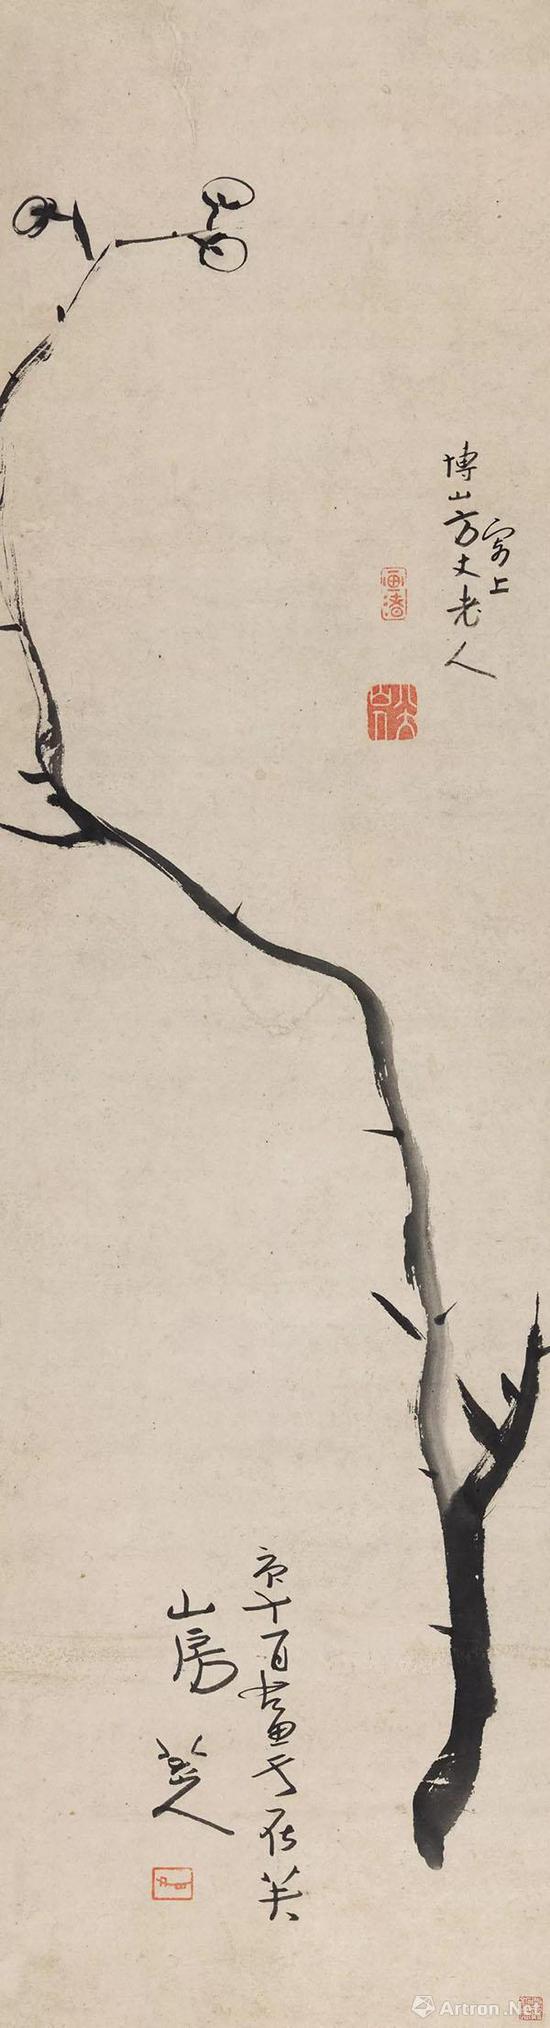 No.14八大山人庚午(1690年)作《墨梅图》立轴